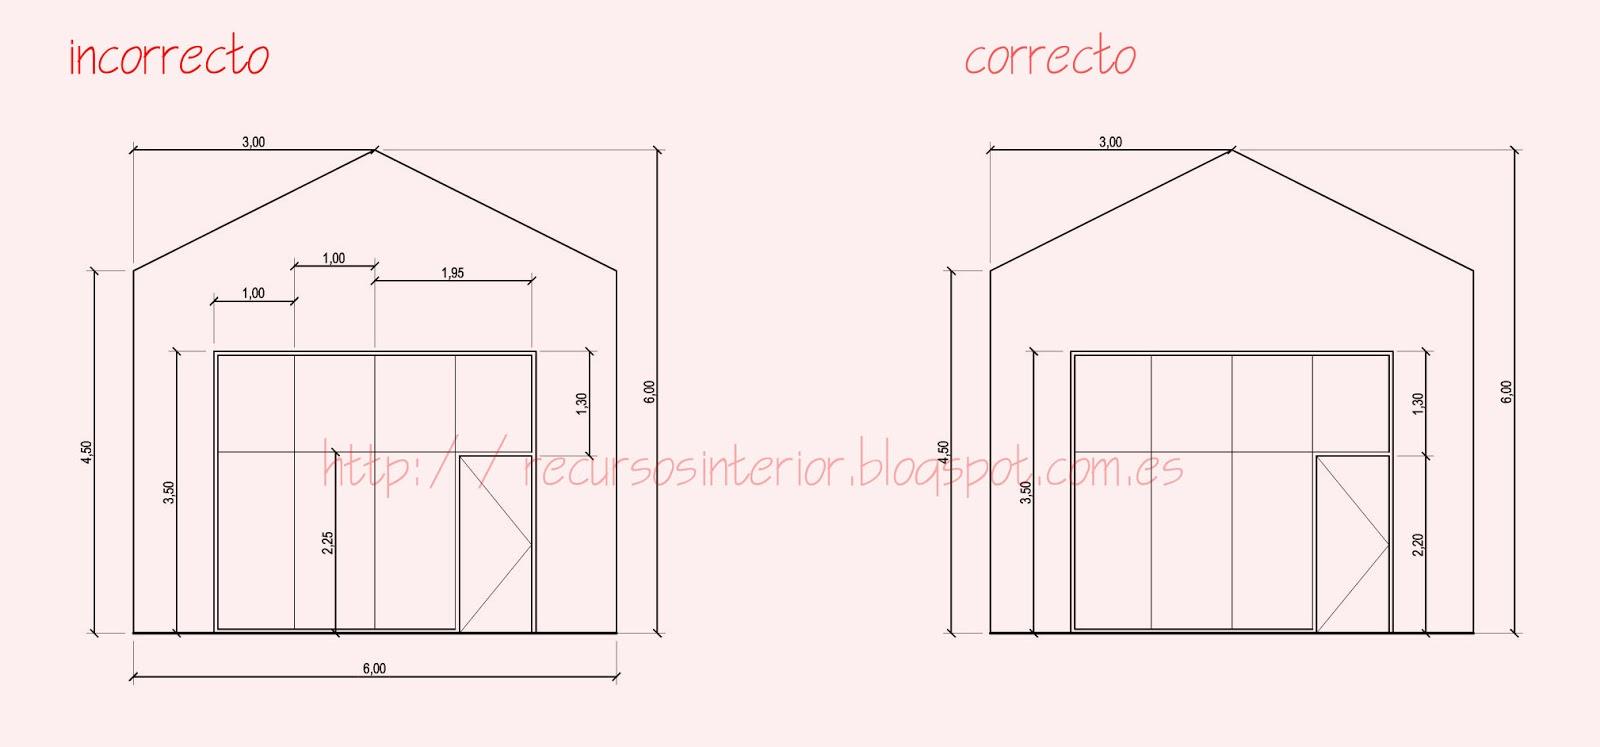 Acotar correctamente en autocad recursos interior for Que es un plano arquitectonico